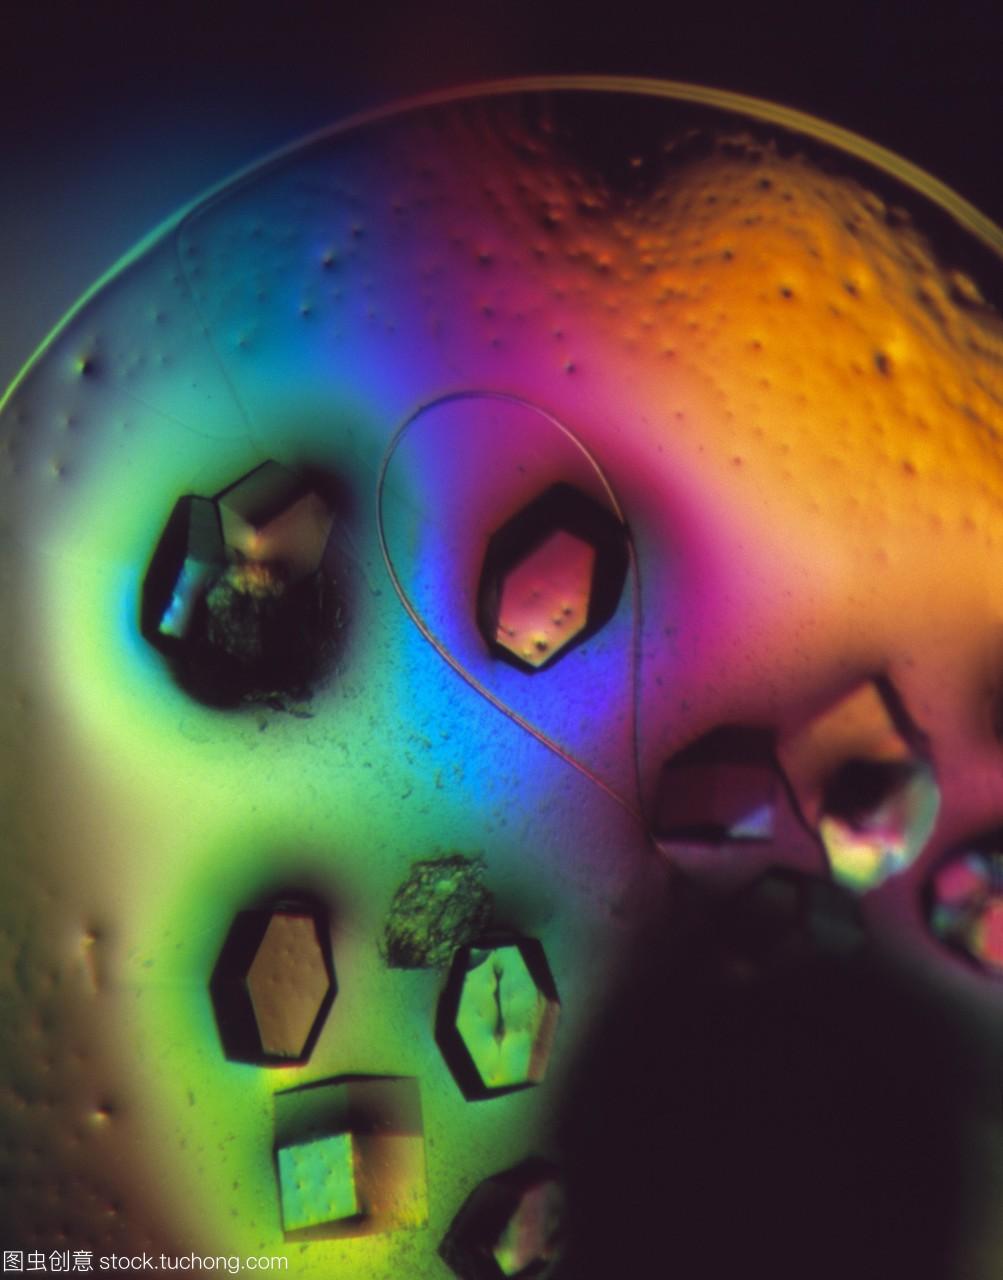 溶菌酶晶体。一种蛋白鸡蛋清食品的溶菌酶大全家养晶体卡图片